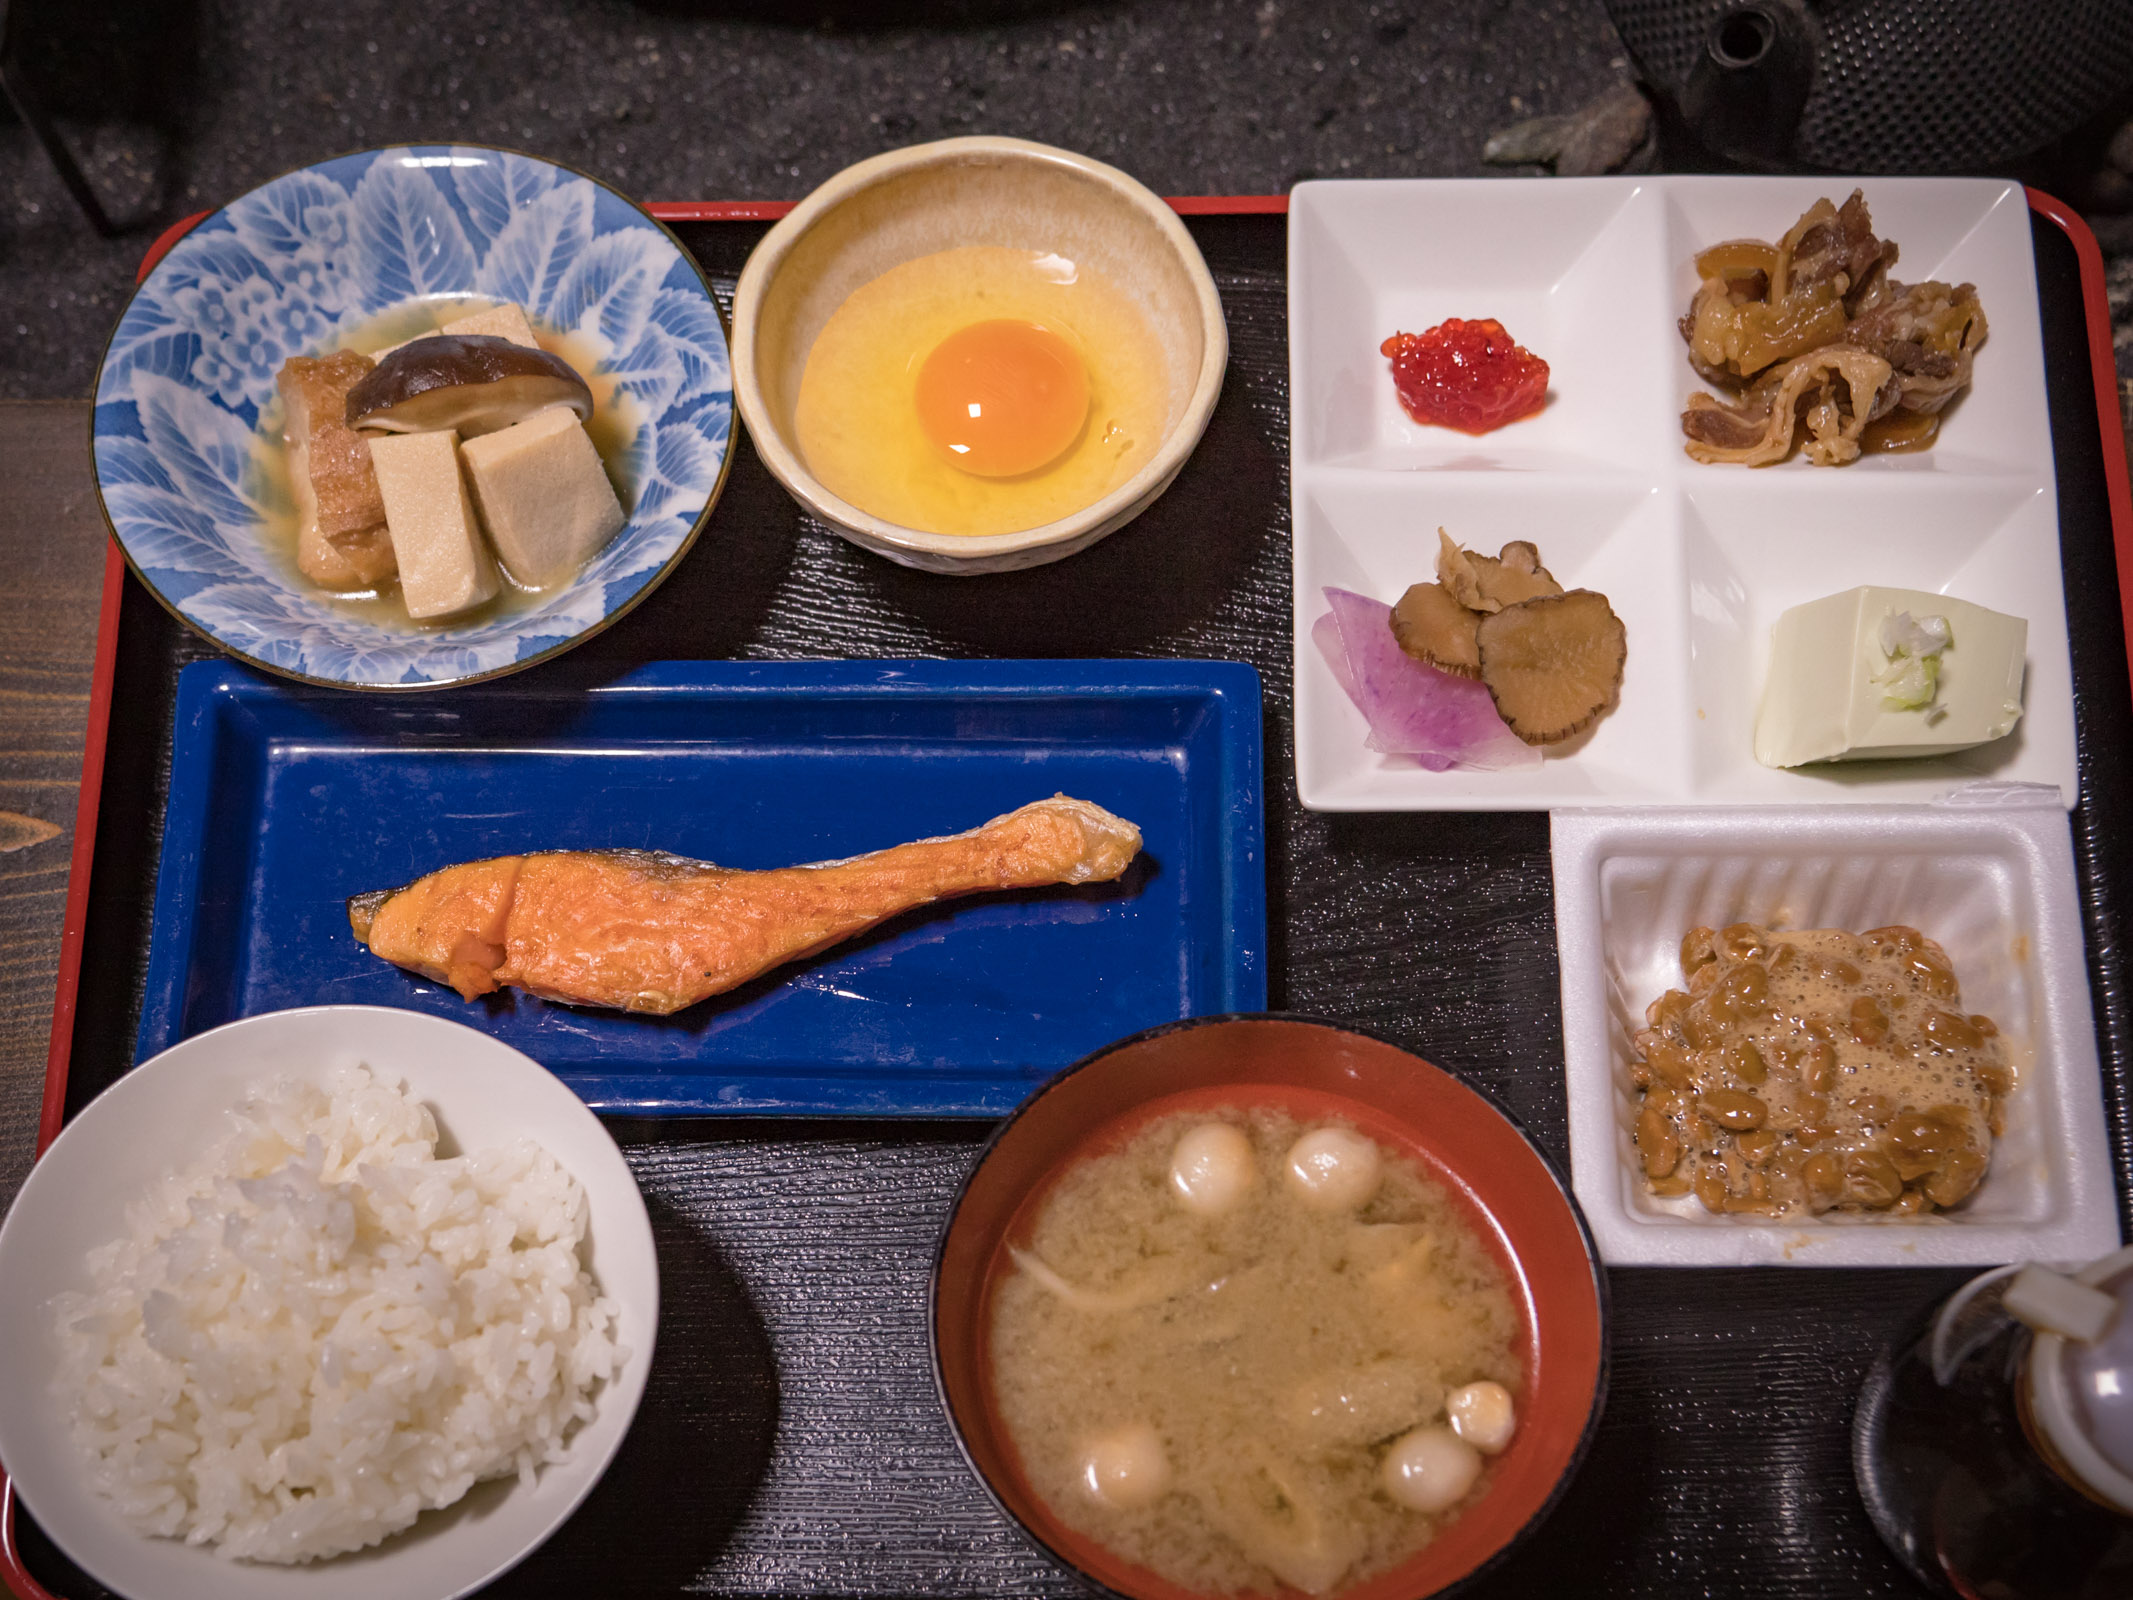 民宿「十三夜」2017年8月29日の朝食